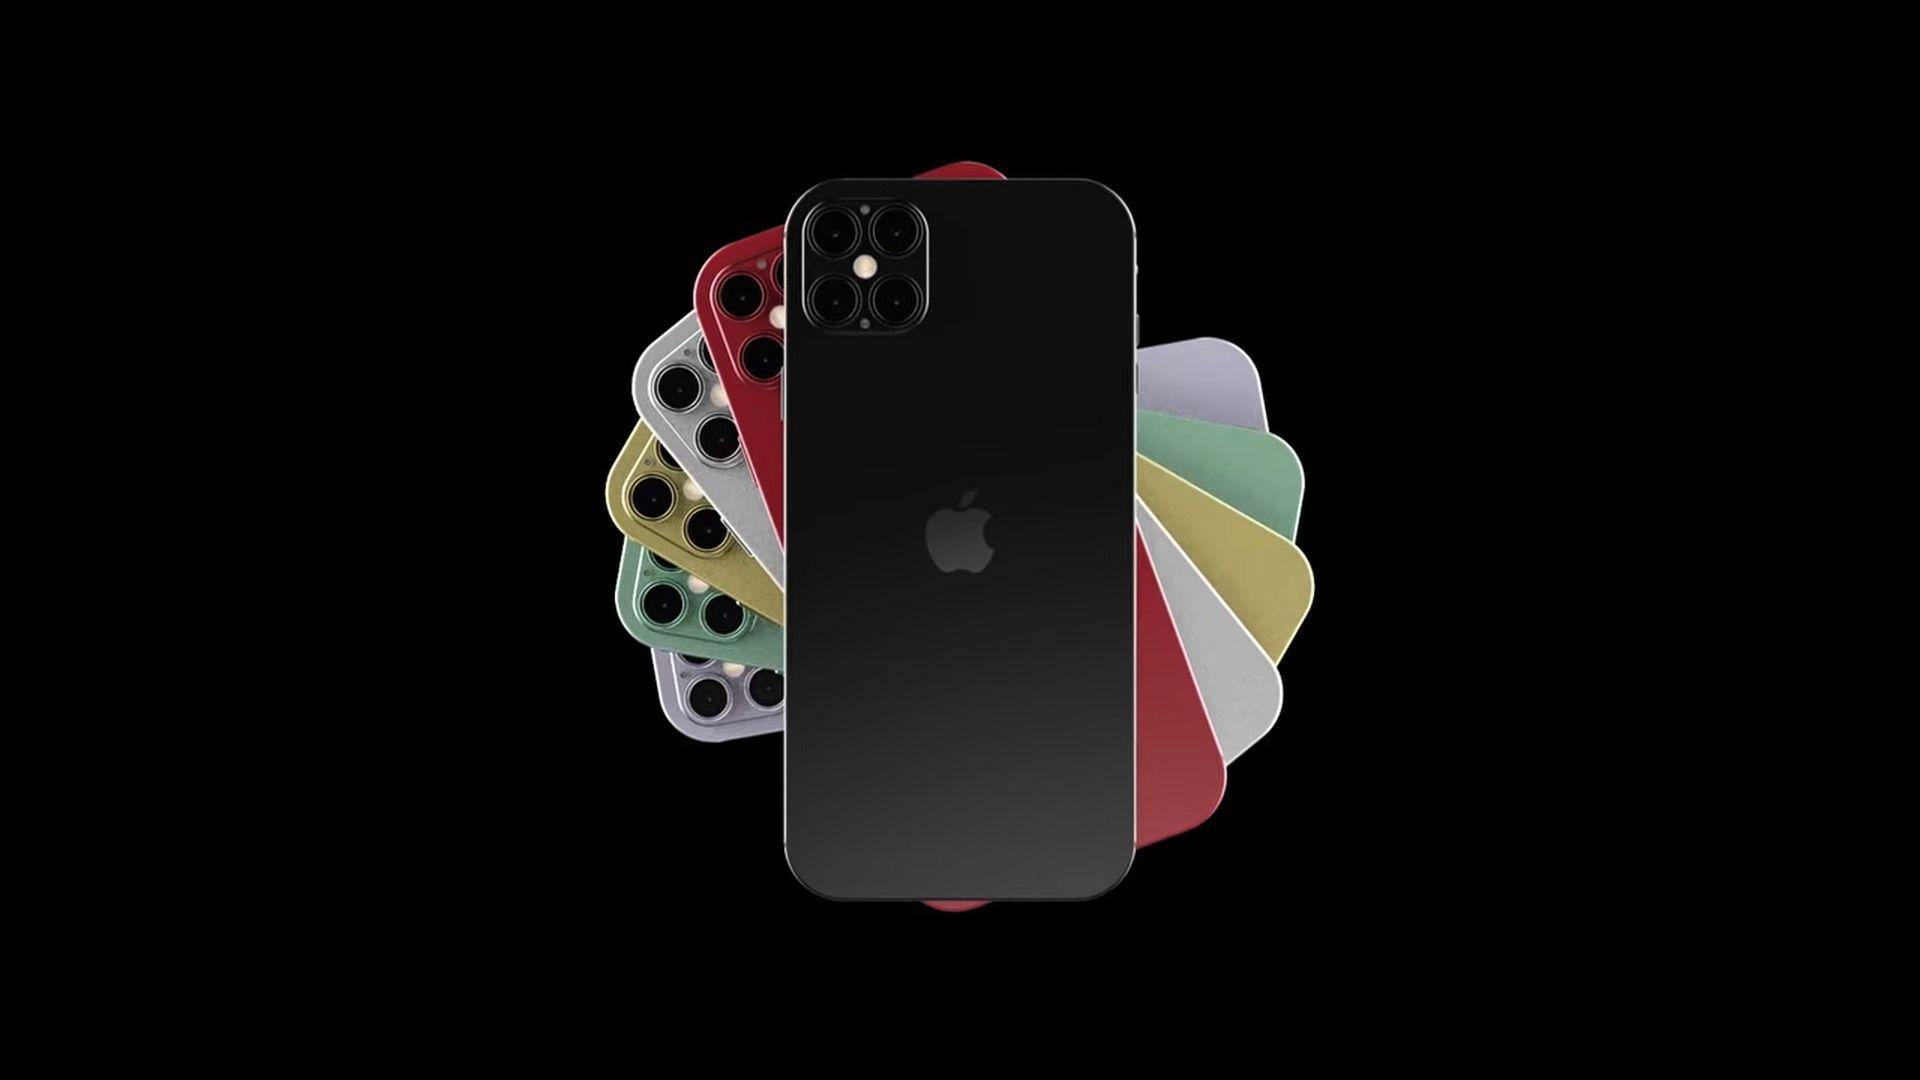 Ciekawa koncepcyjna wizja iPhone'a 12 Pro na filmie